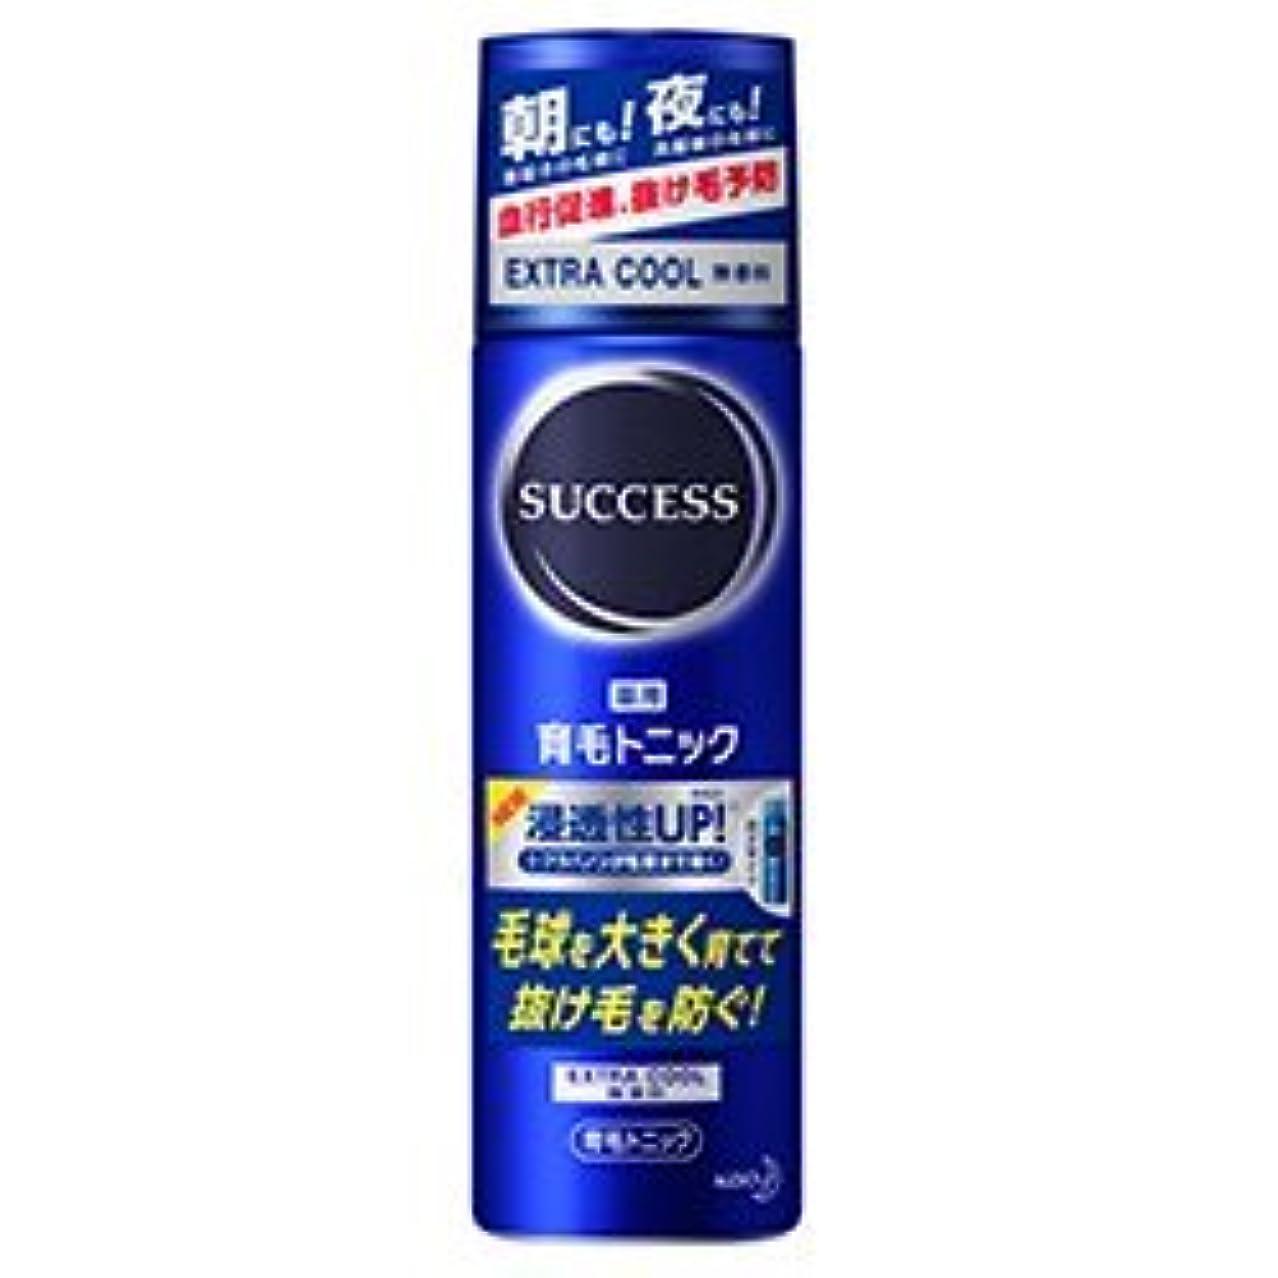 カウントアップ導出判決【花王】サクセス 薬用育毛トニック 無香料 180g ×10個セット